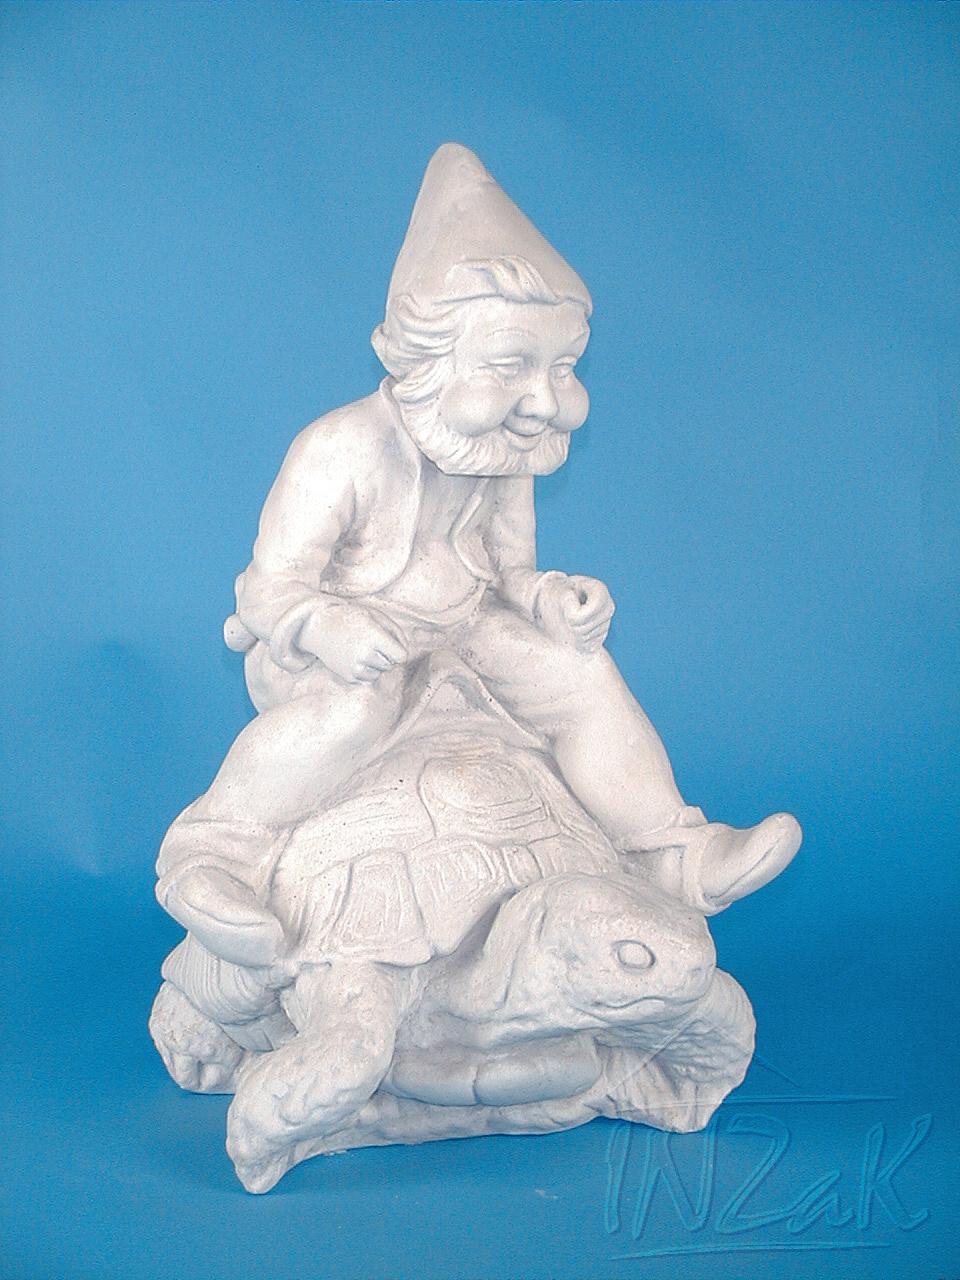 bílý trpaslík, sádrový trpaslík, zahradní trpaslíci, zahradní sochy